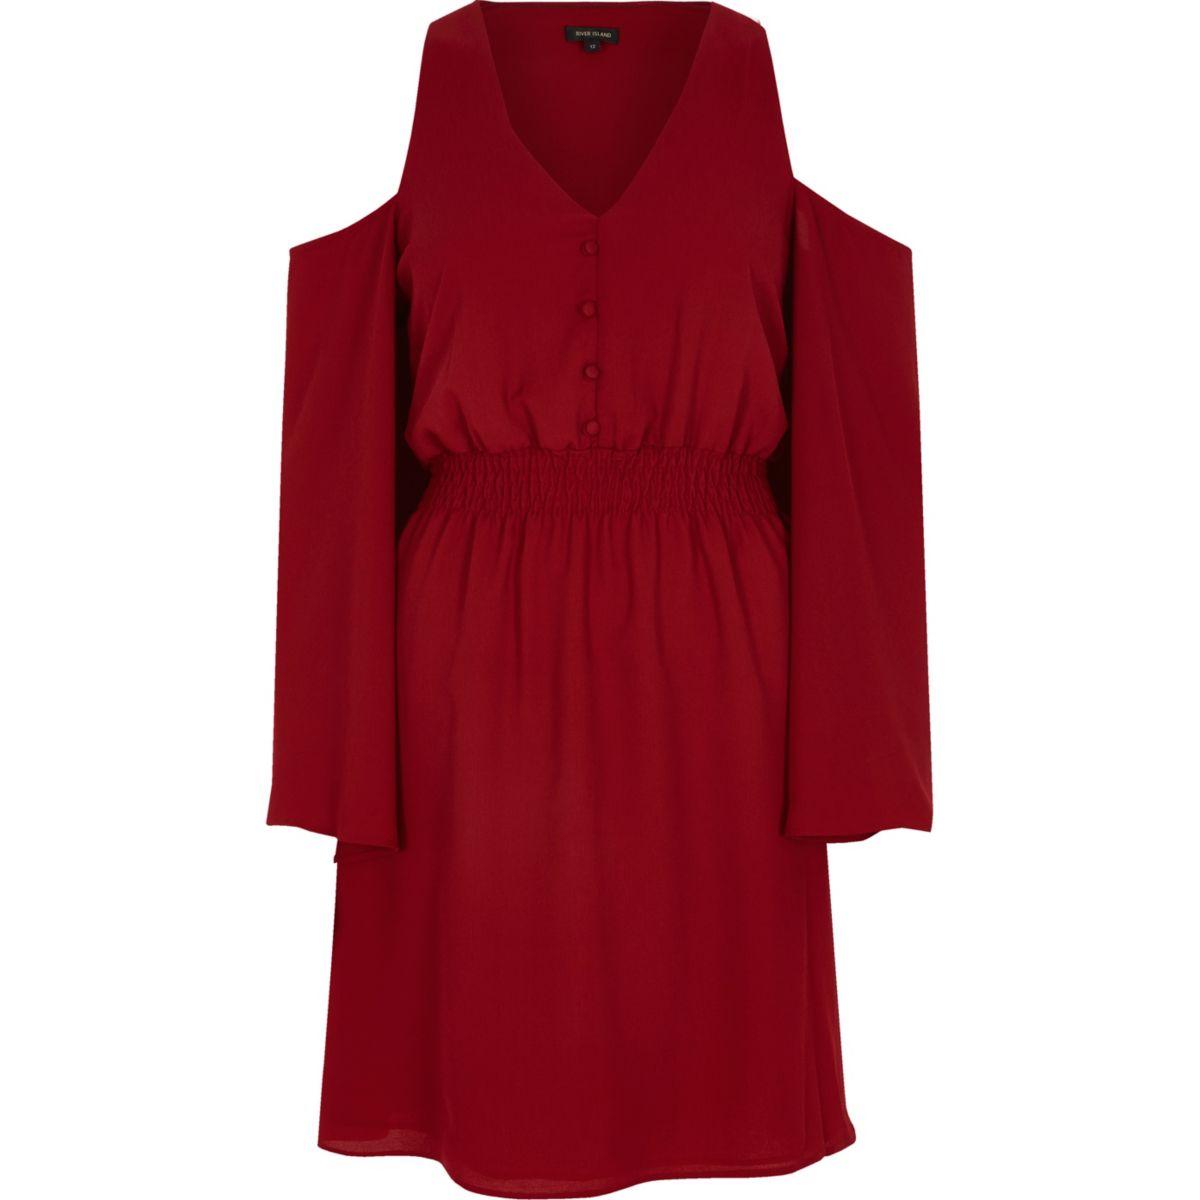 Dark red cold shoulder flare sleeve dress